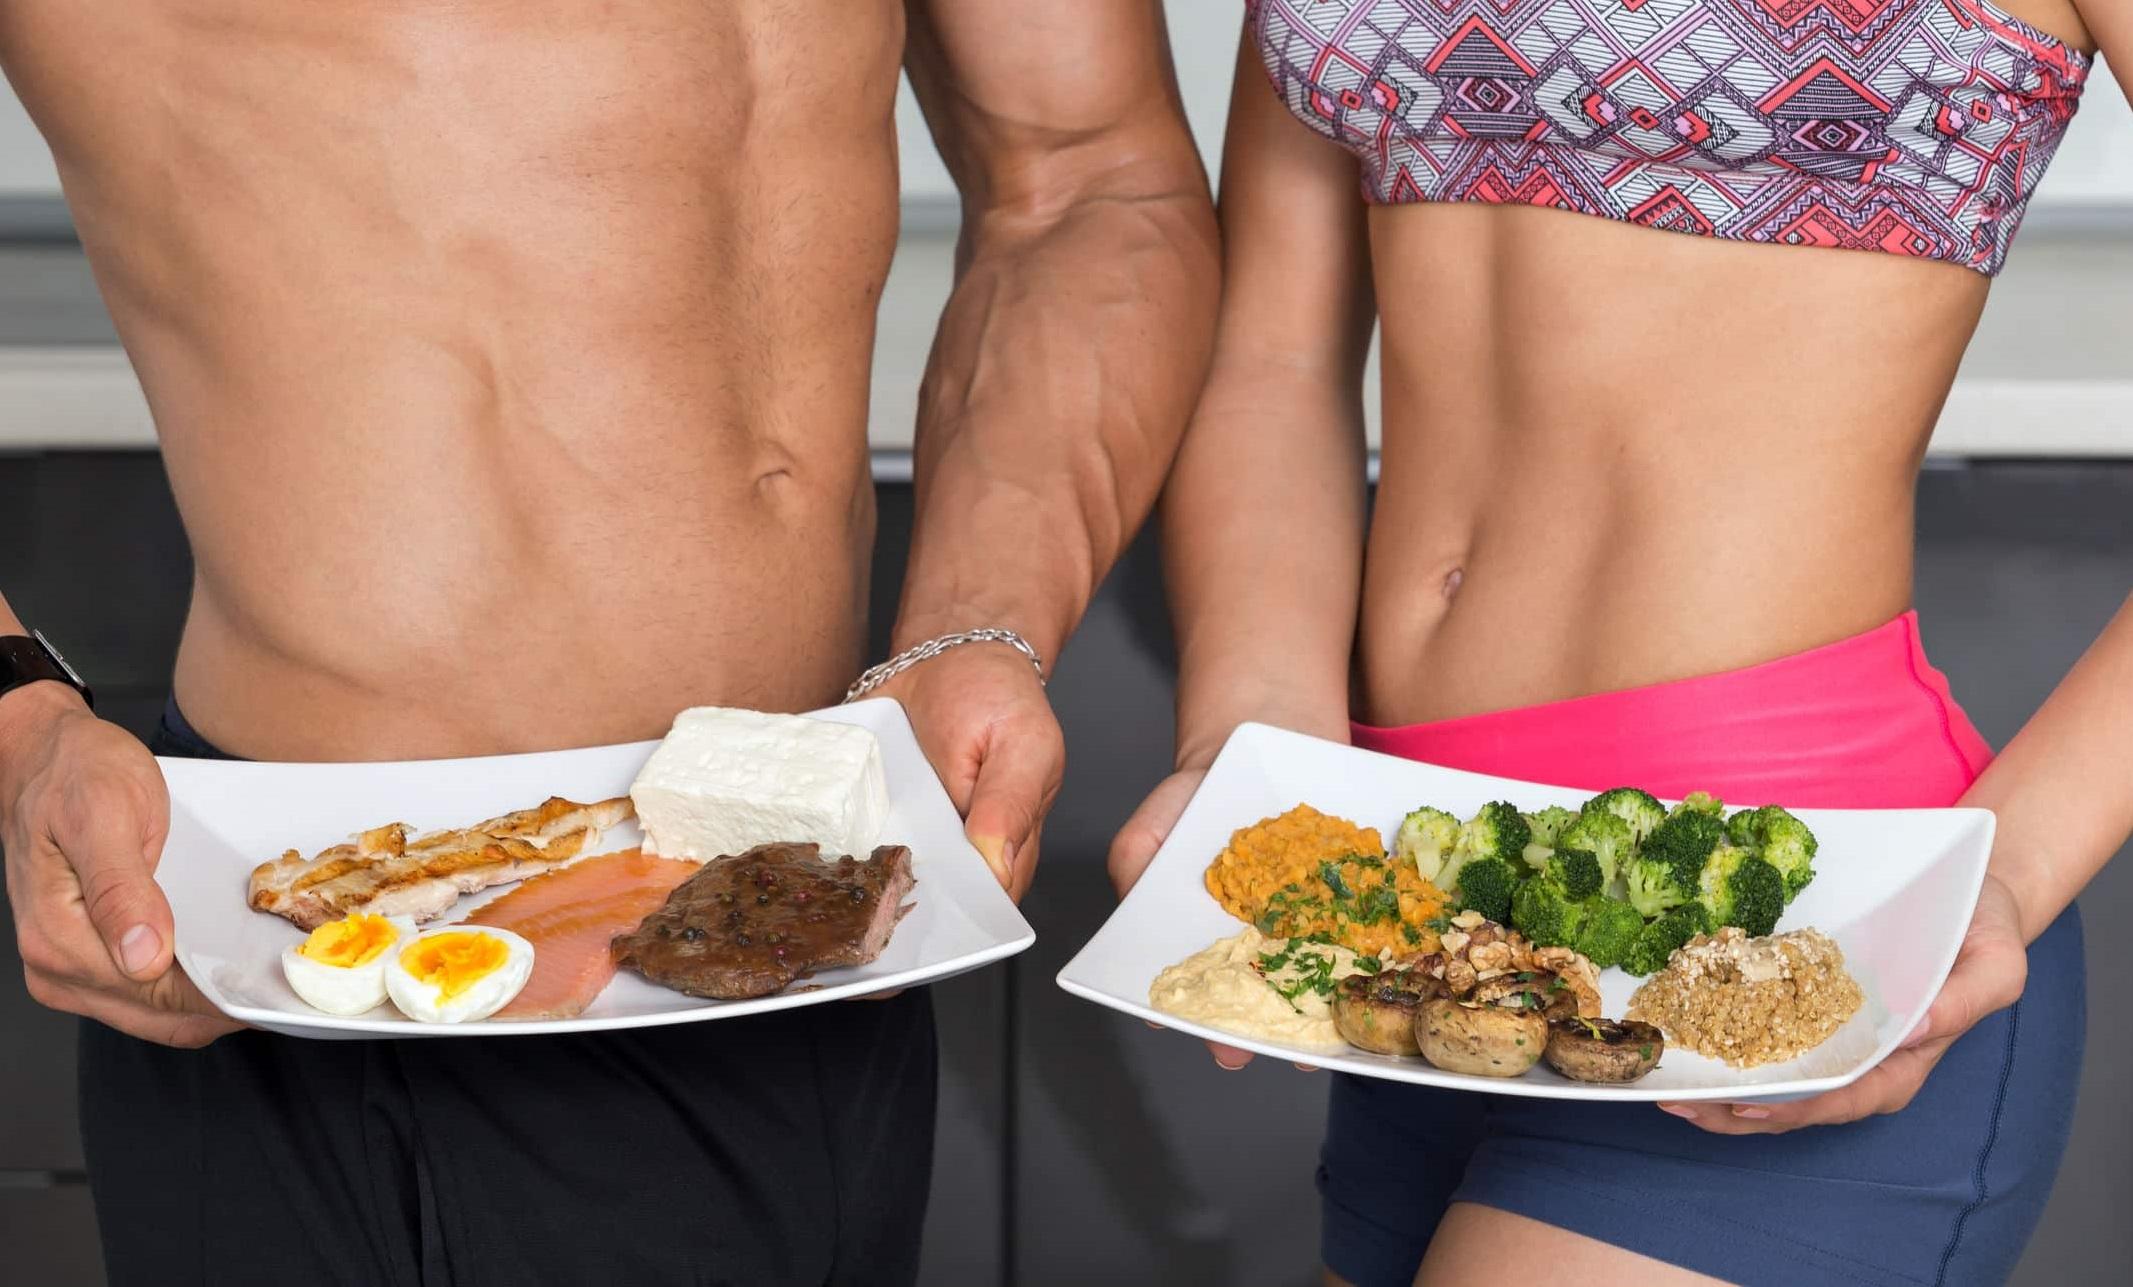 Как Правильно Заниматься Девушке Чтобы Похудеть. Занятия спортом дома для похудения: комплекс эффективных упражнений